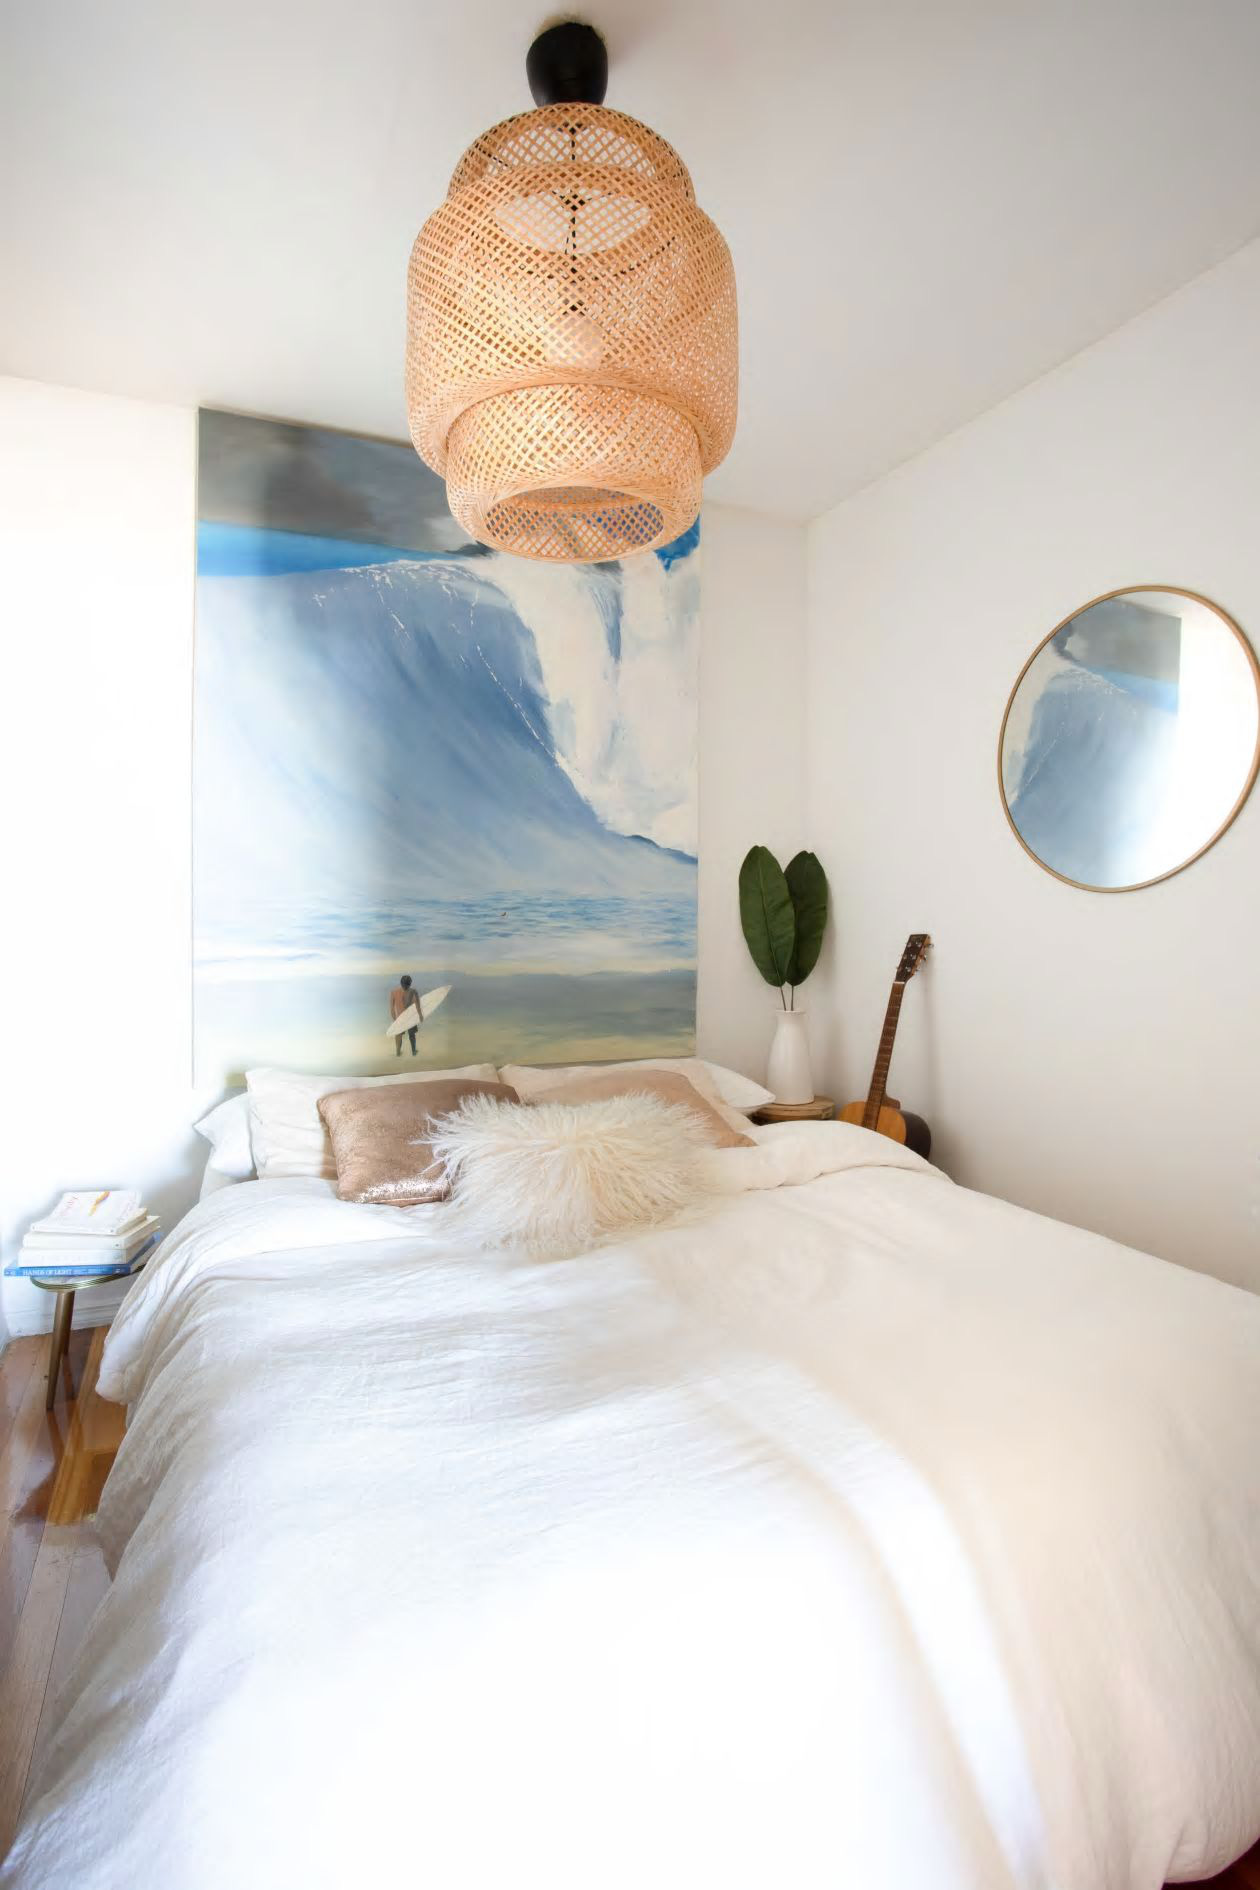 Căn hộ nhỏ 37m² sử dụng những màu sắc đáng kinh ngạc trong trang trí nội thất - Ảnh 4